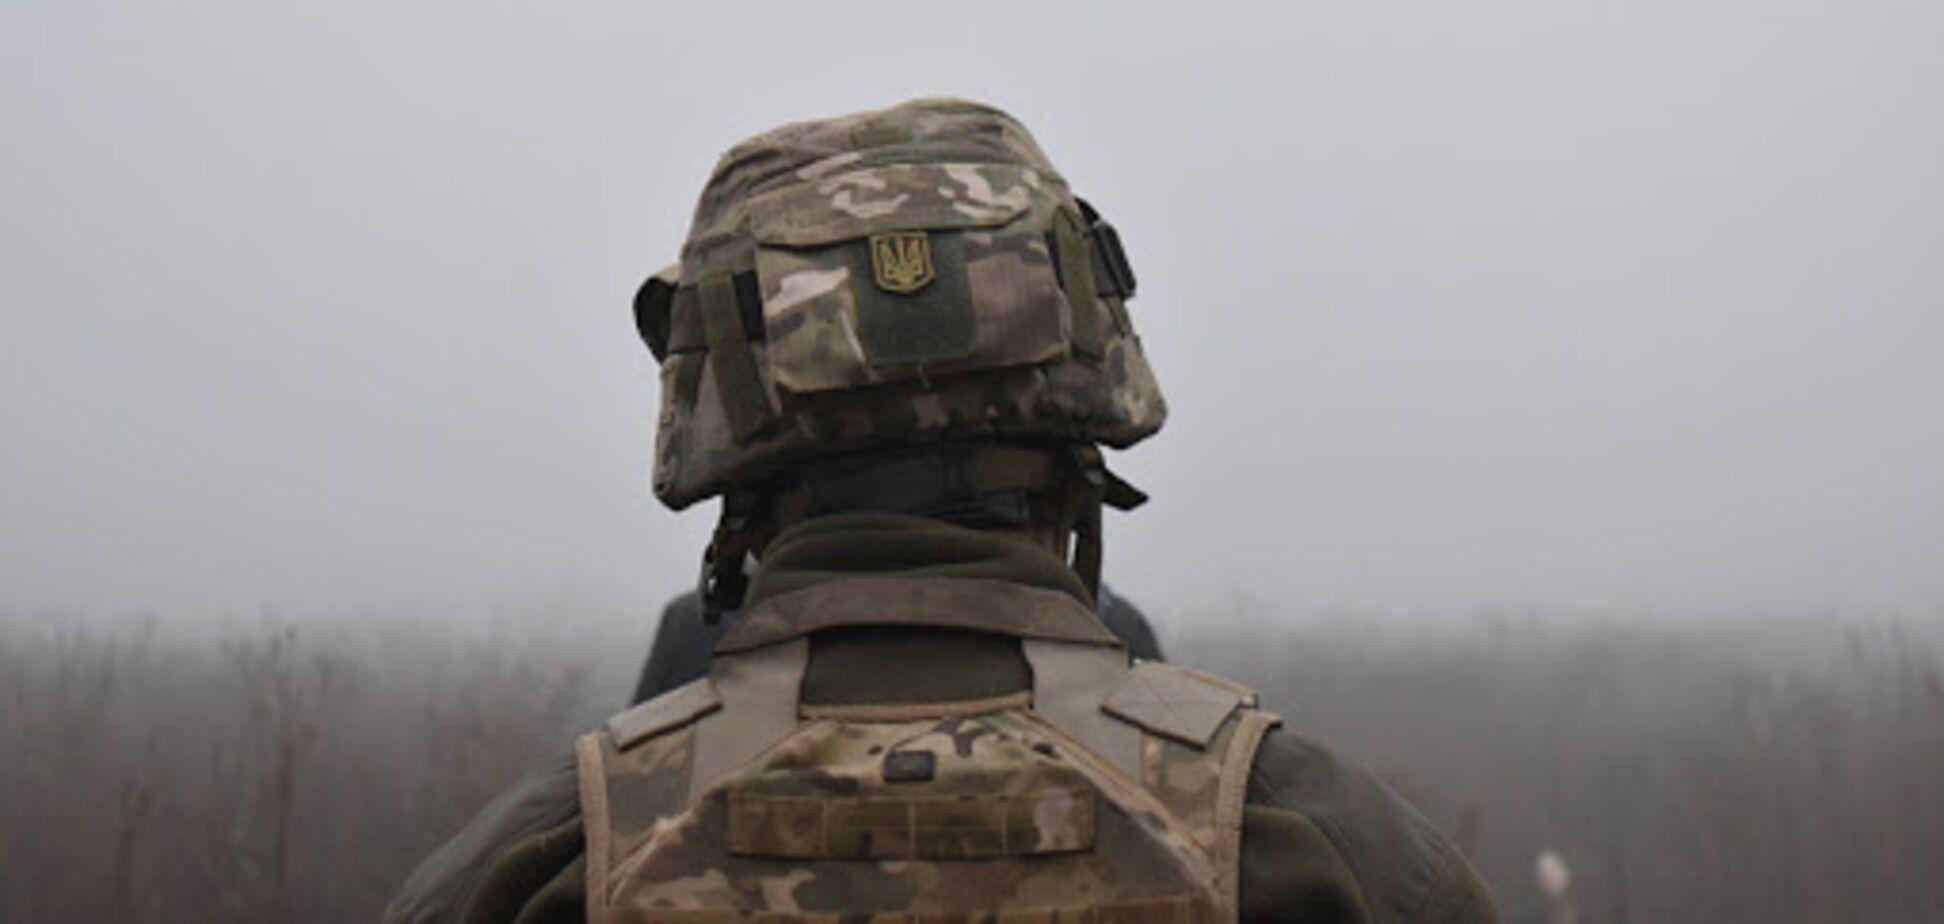 Терористи влаштували небезпечну провокацію на Донбасі, ЗСУ відповіли. Ілюстрація